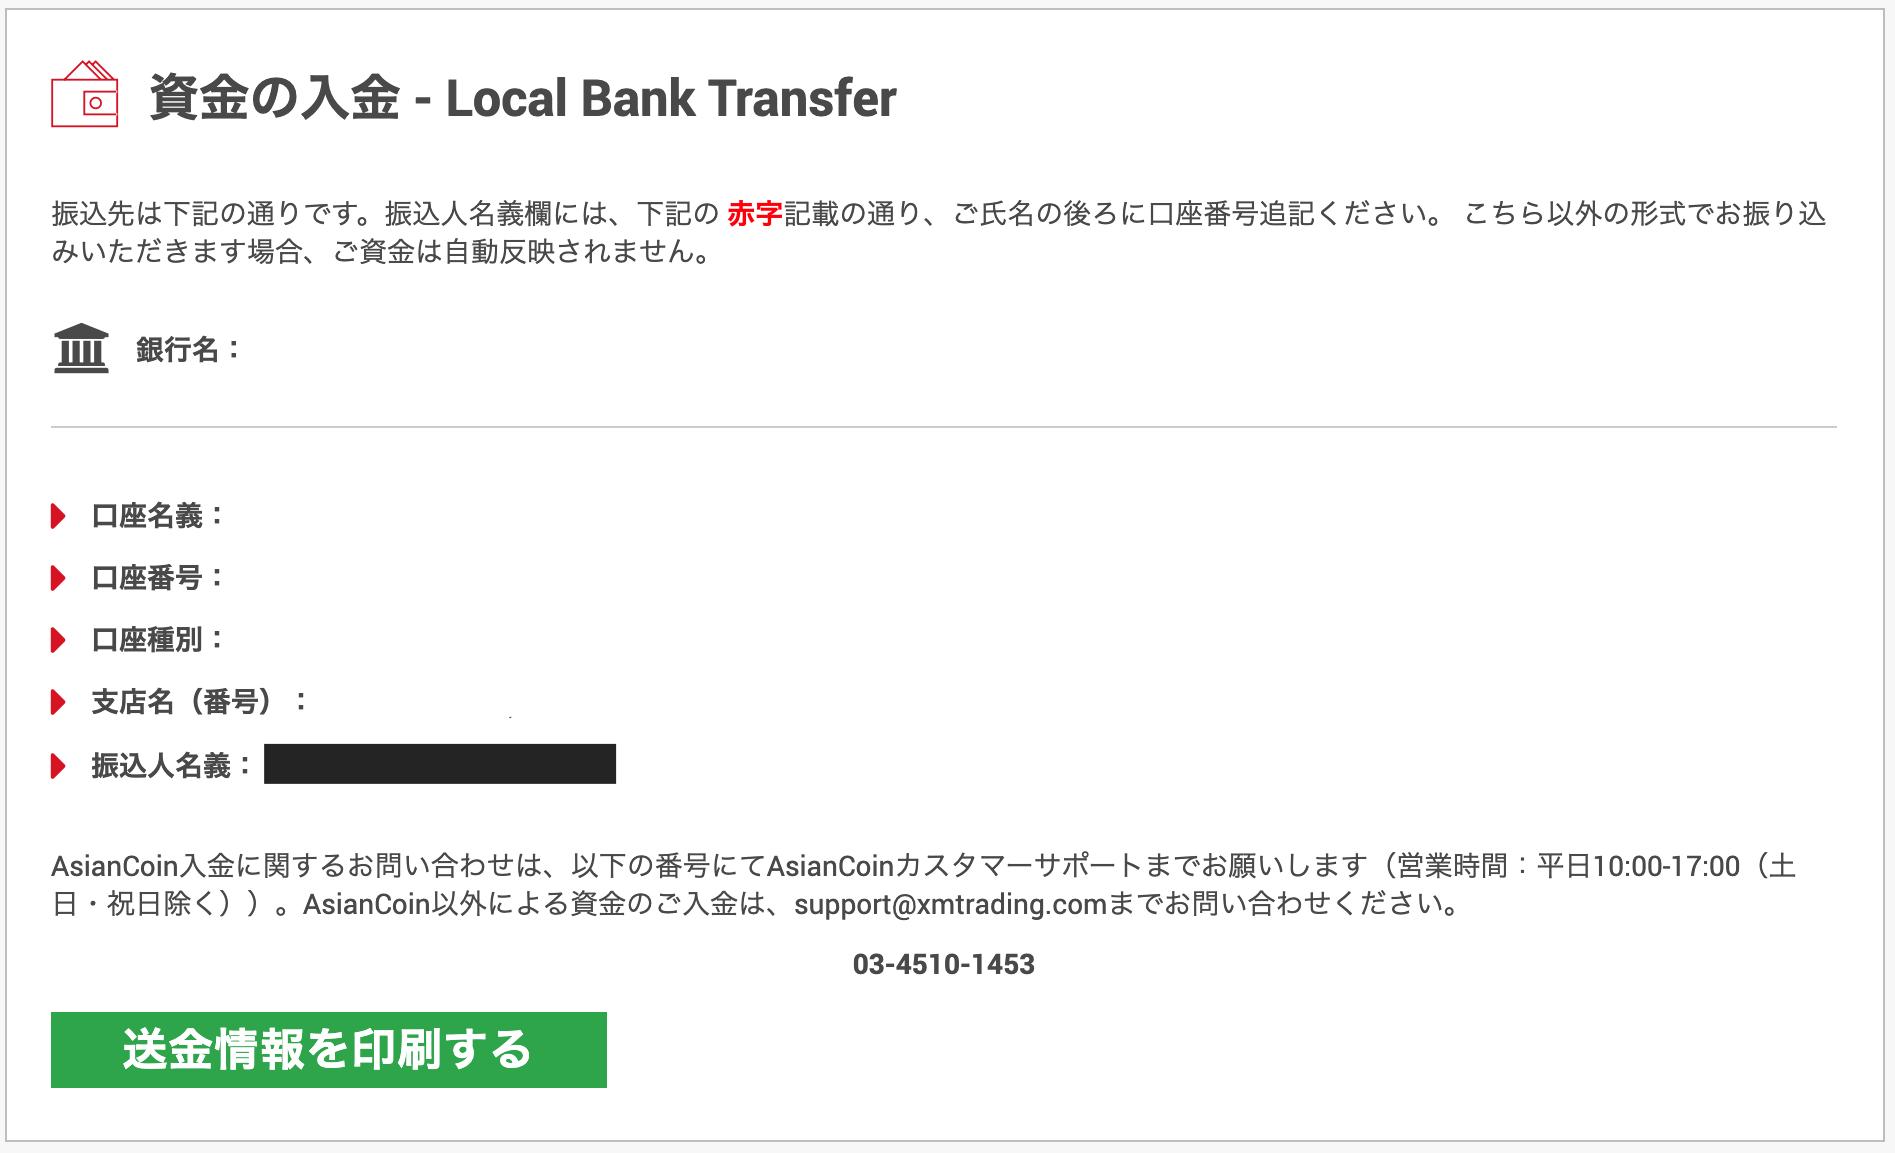 XM銀行振込入金の振込先表示